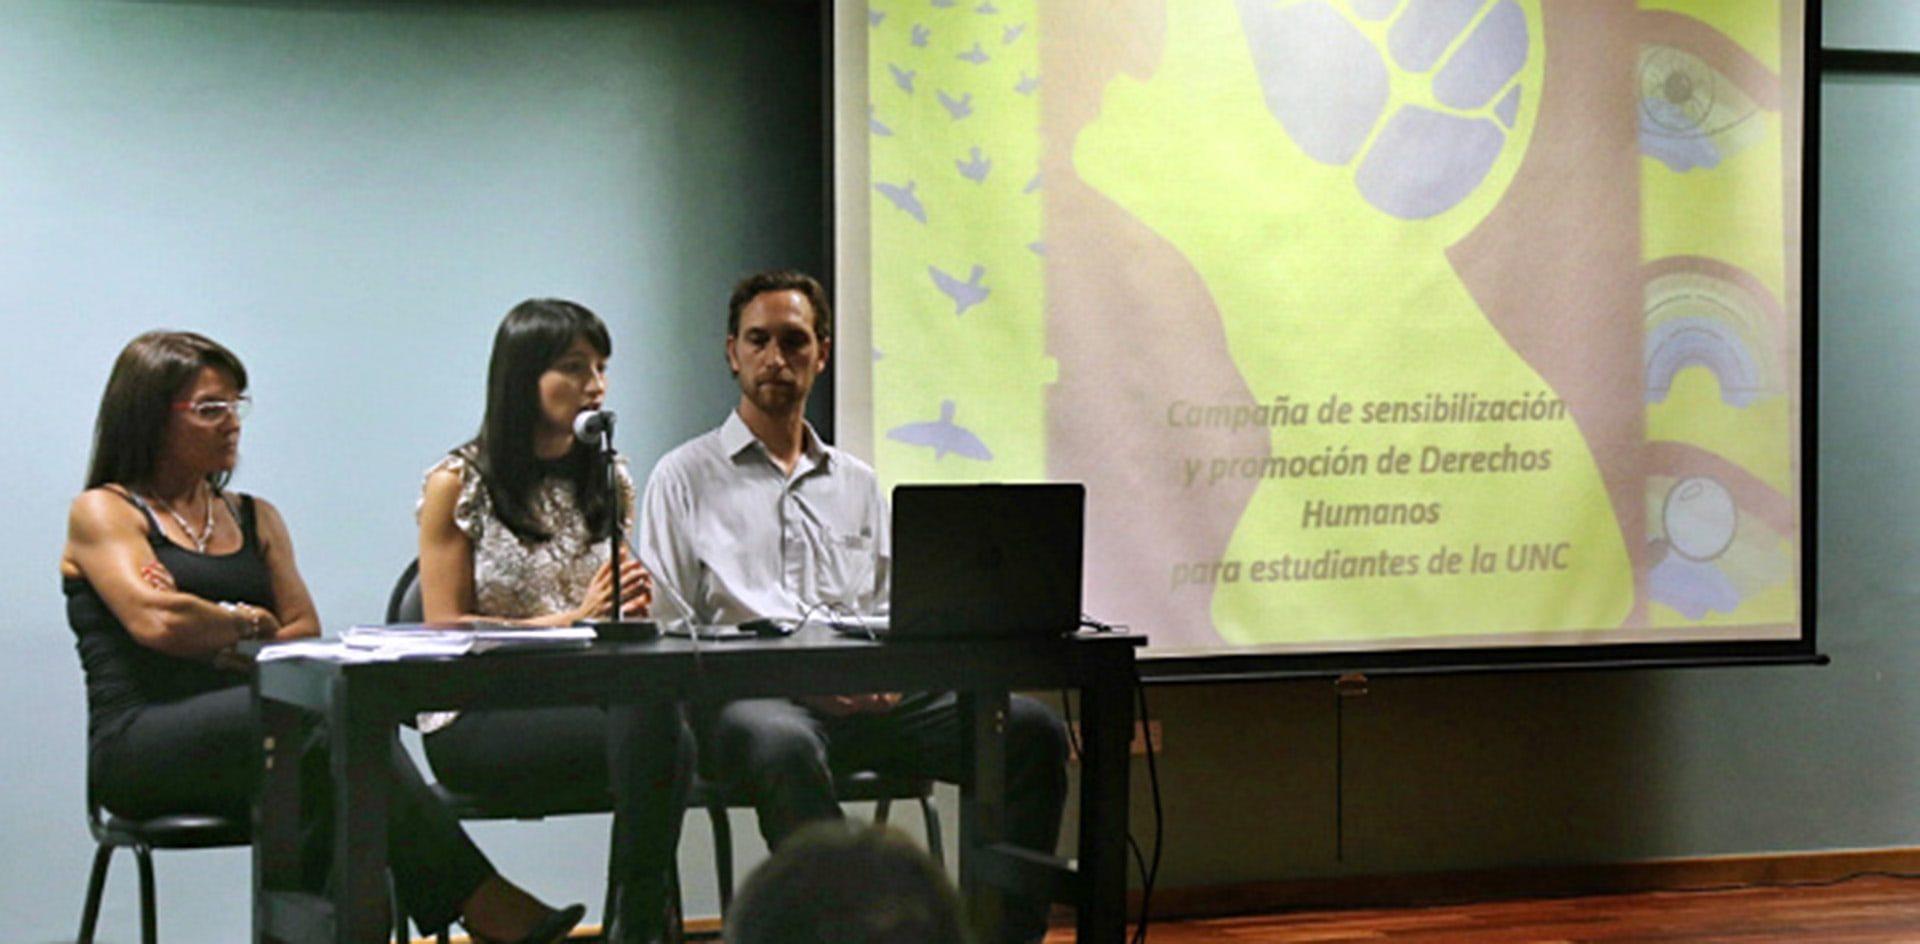 El 70% de los estudiantes de la UNC considera que es mediana o baja la protección de los derechos humanos en el país